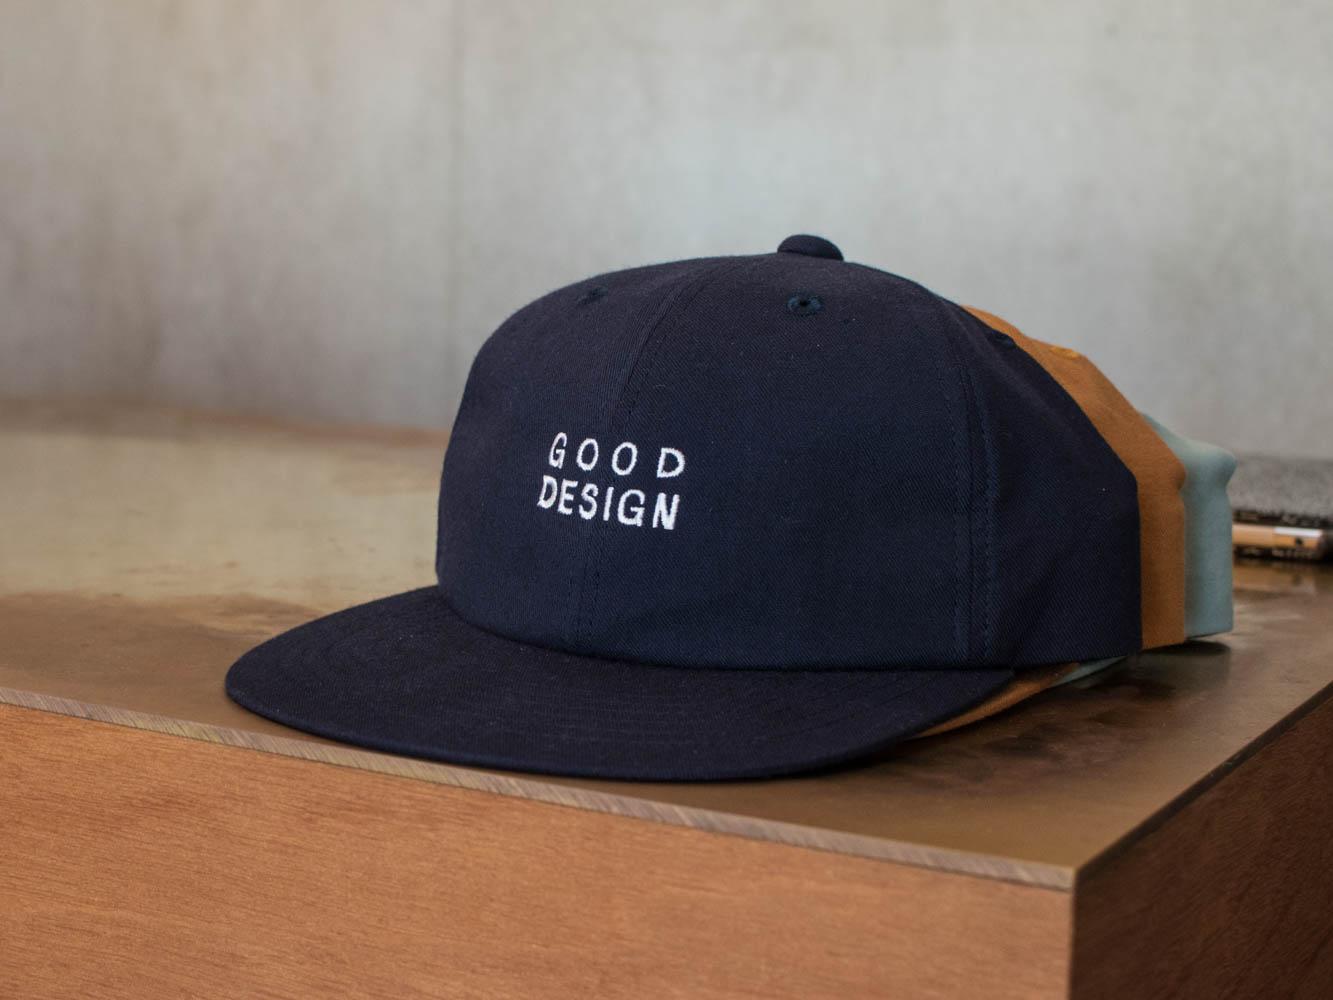 DSC_0848fadsfadfadfdffadfadfad